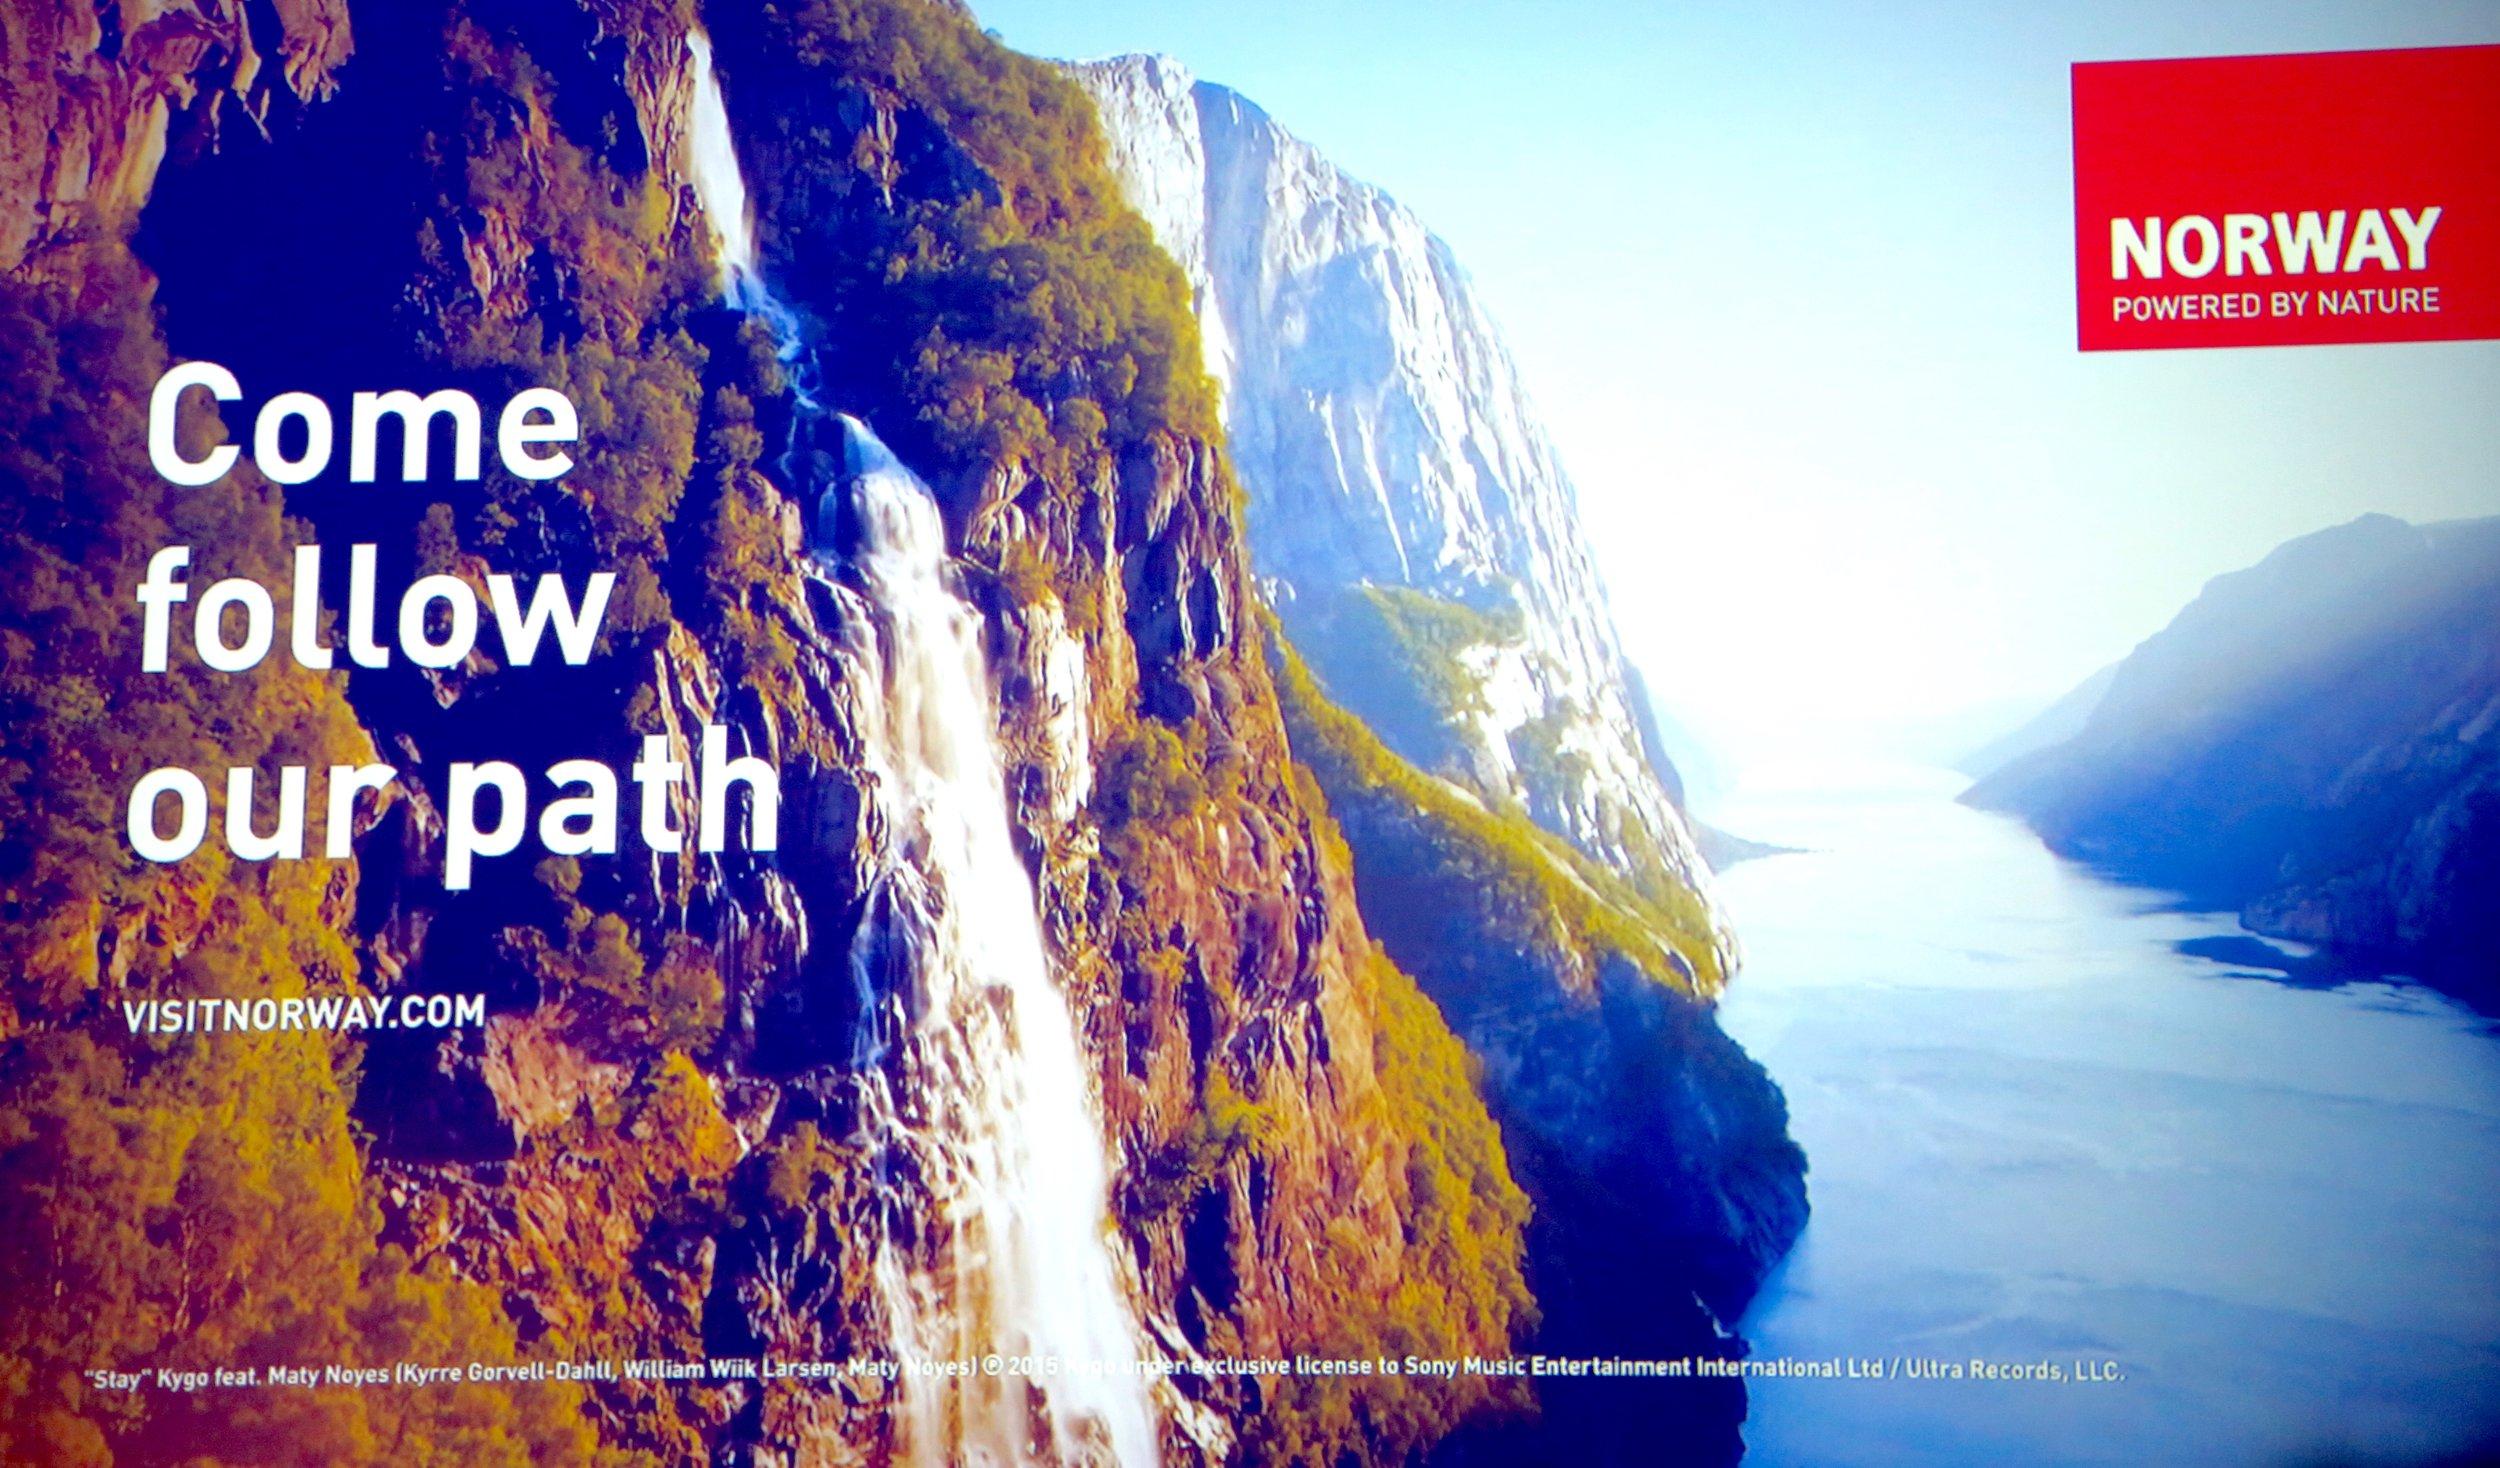 Fra den nye filmen fra Visit Norway